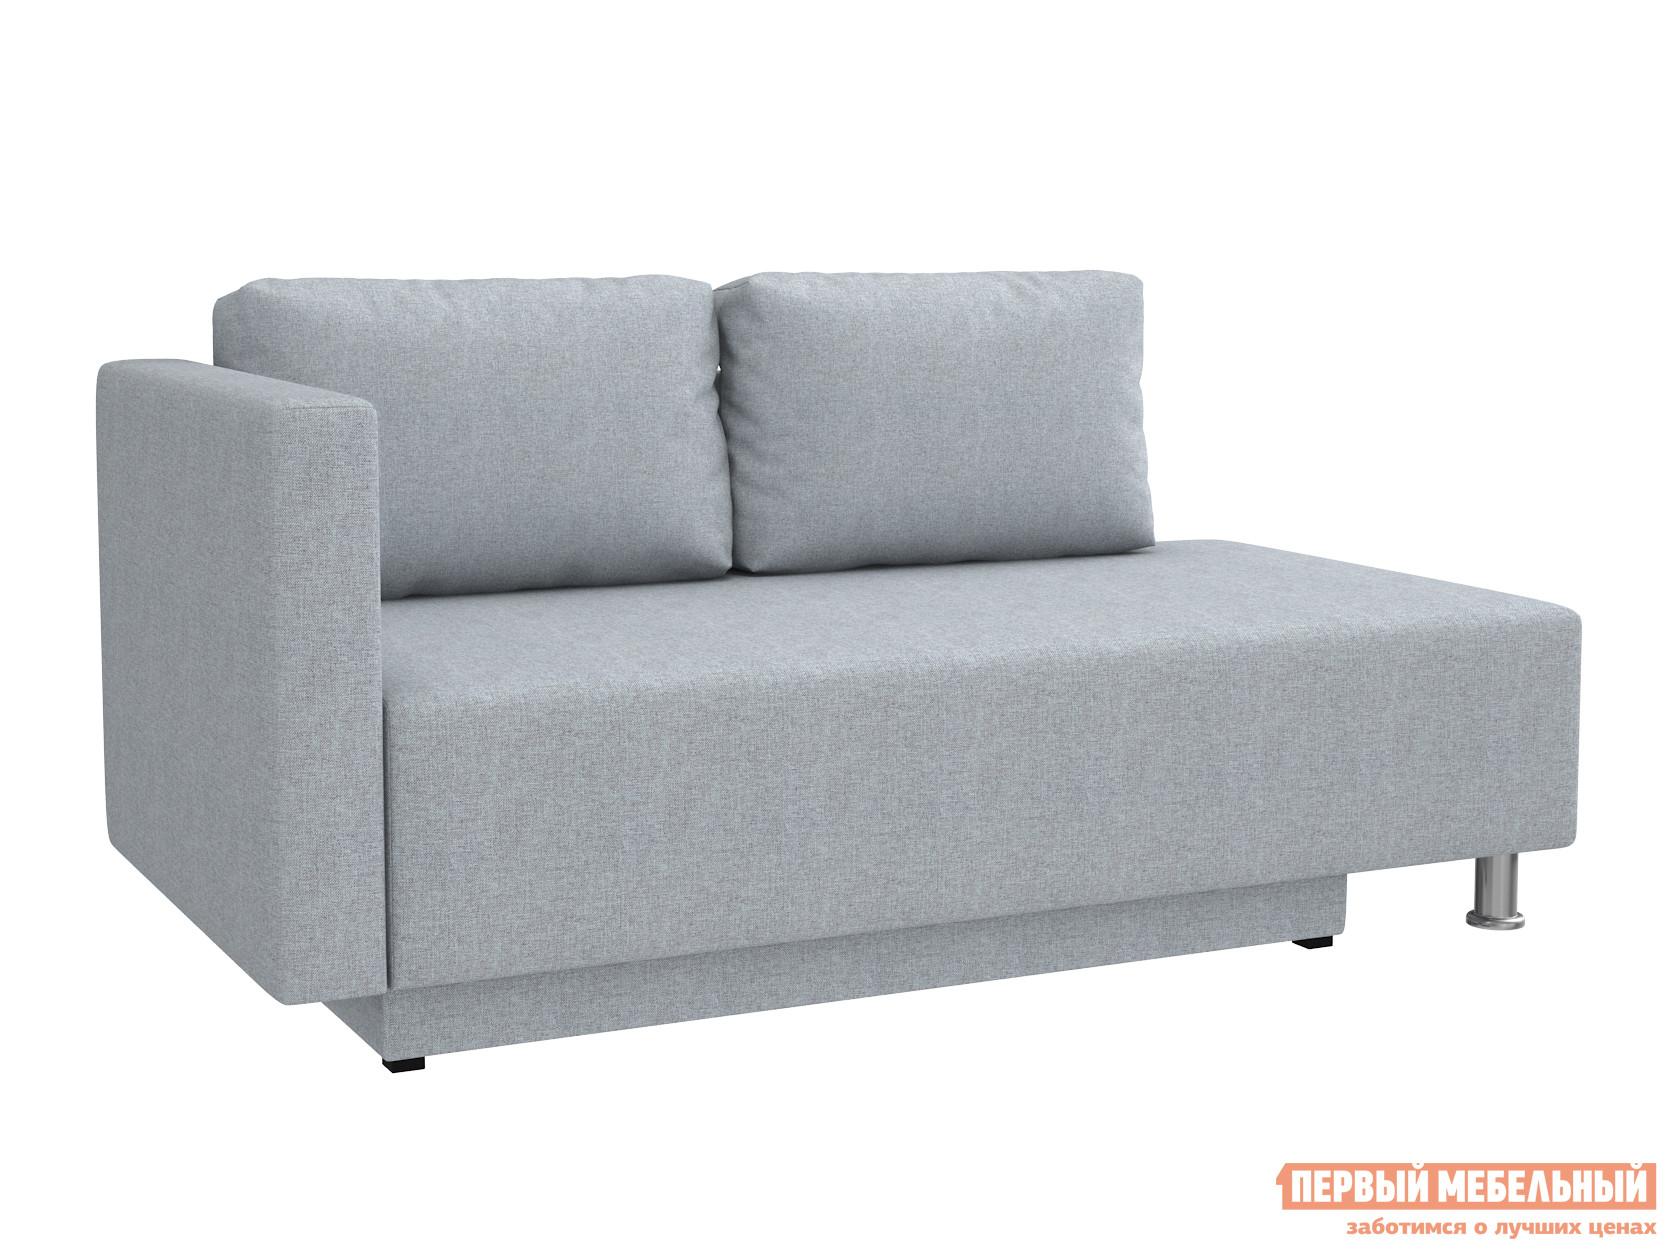 Прямой диван  Мэдисон Серо-голубой, рогожка, Универсальная — Мэдисон Серо-голубой, рогожка, Универсальная